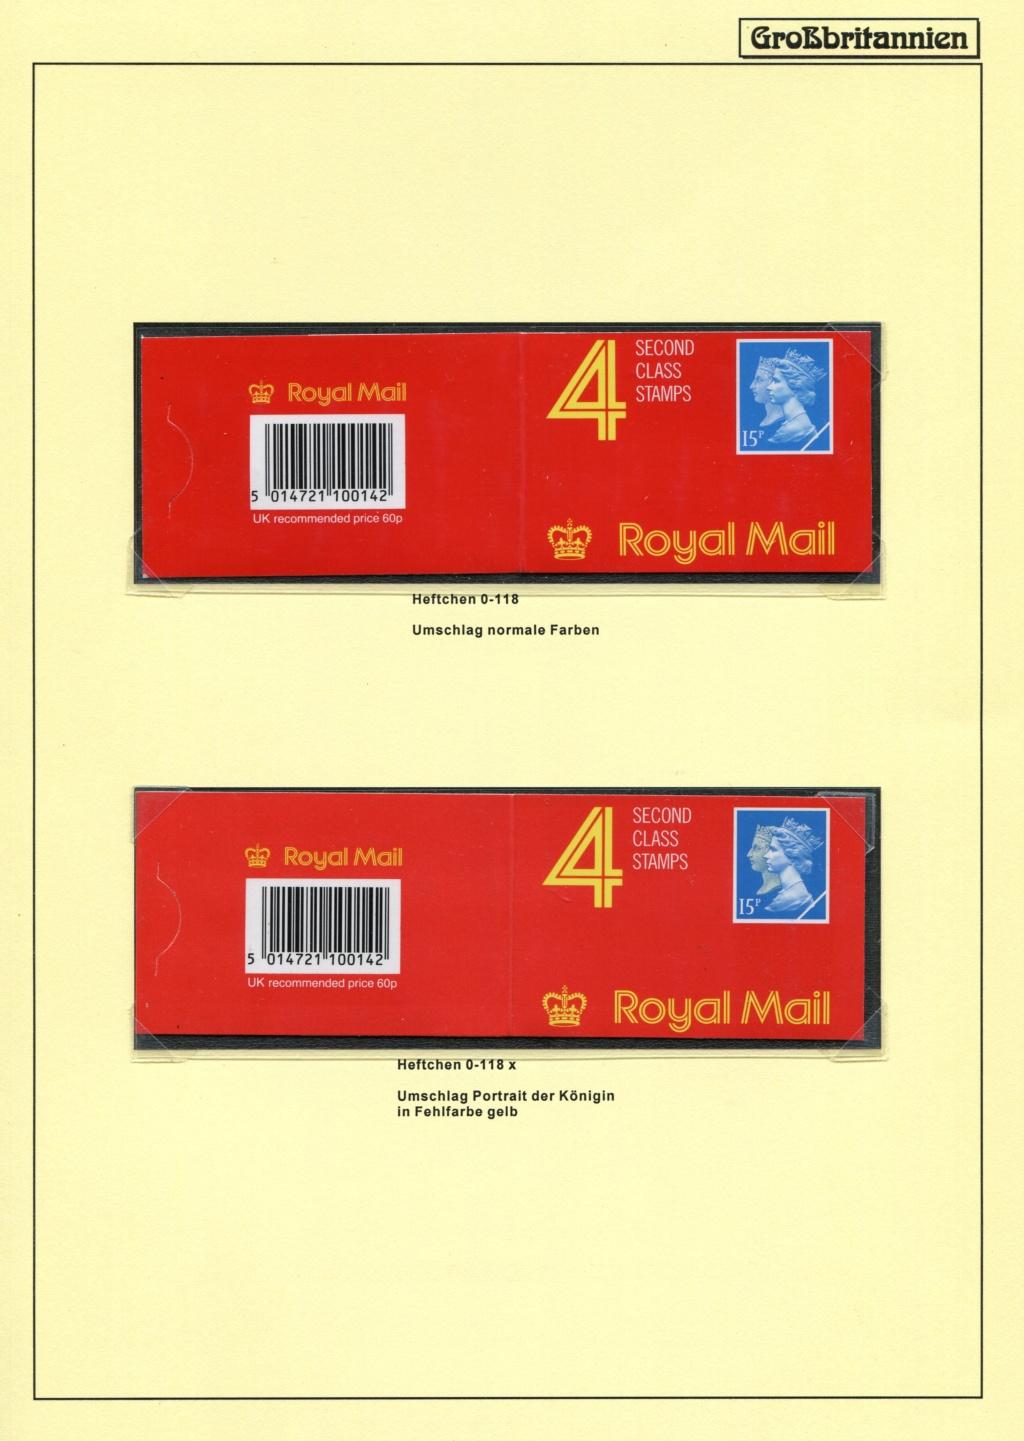 Großbritannien - 150 Jahre Briefmarken Black_41